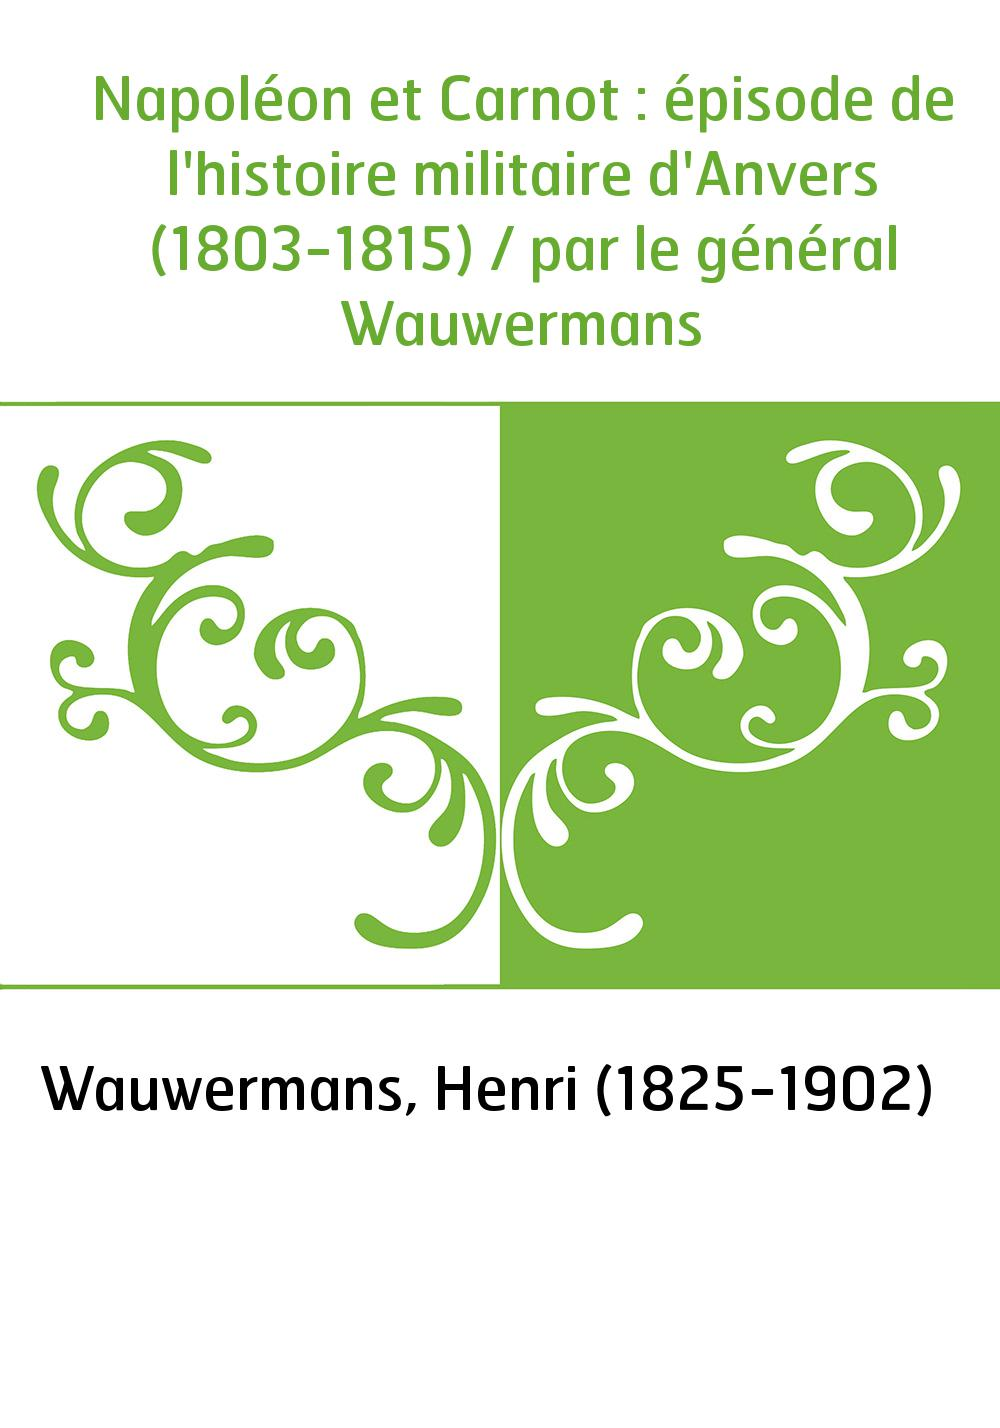 Napoléon et Carnot : épisode de l'histoire militaire d'Anvers (1803-1815) / par le général Wauwermans